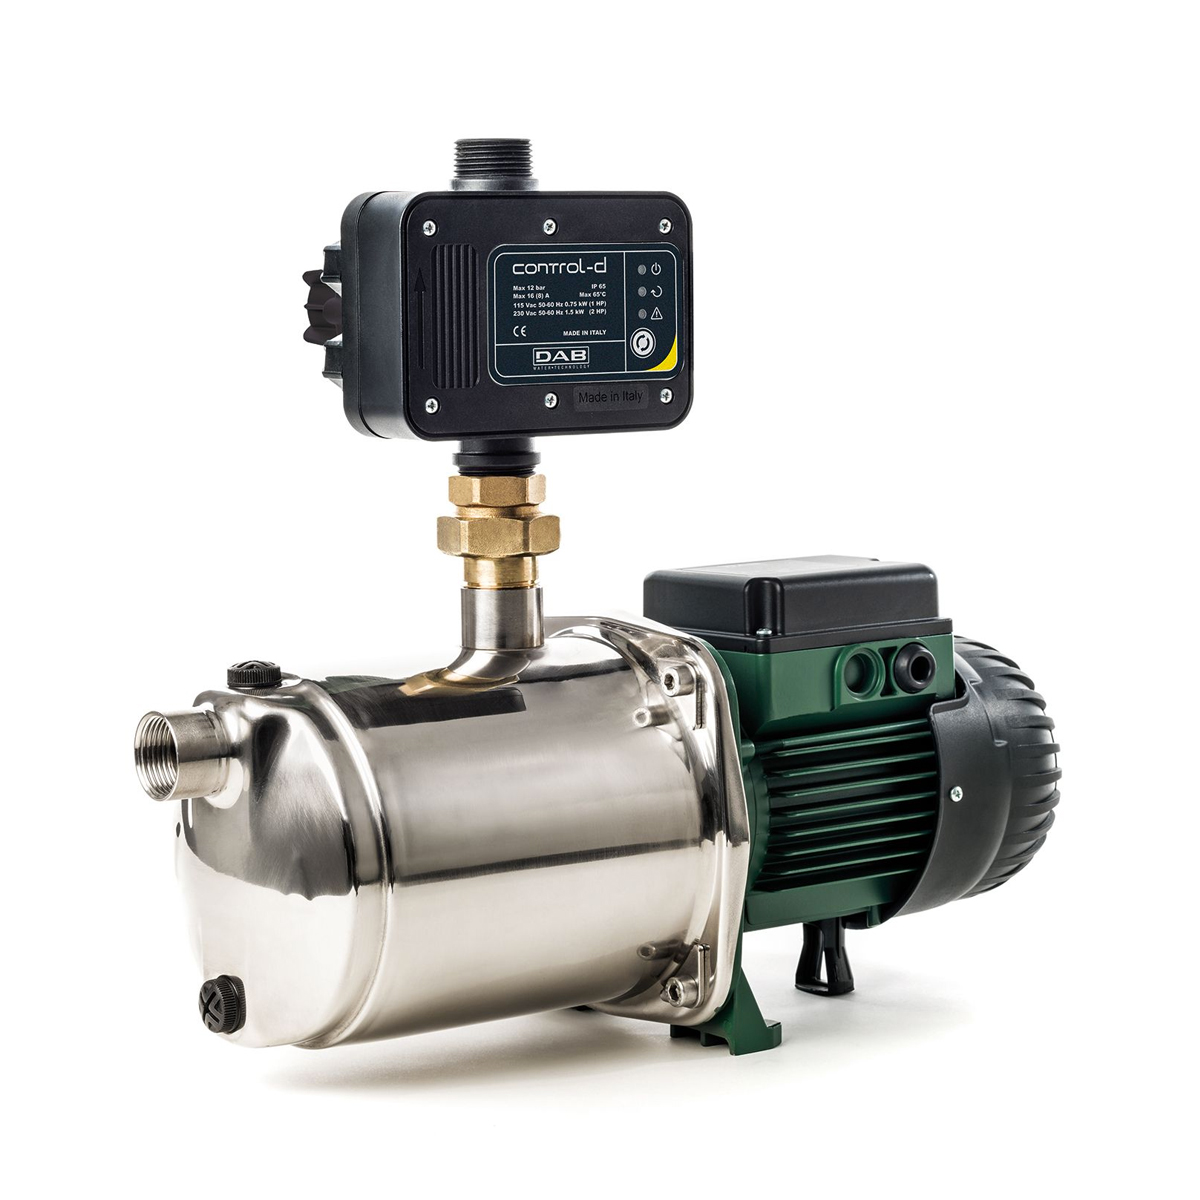 DAB EuroInox 40/50 M + DAB Control-D